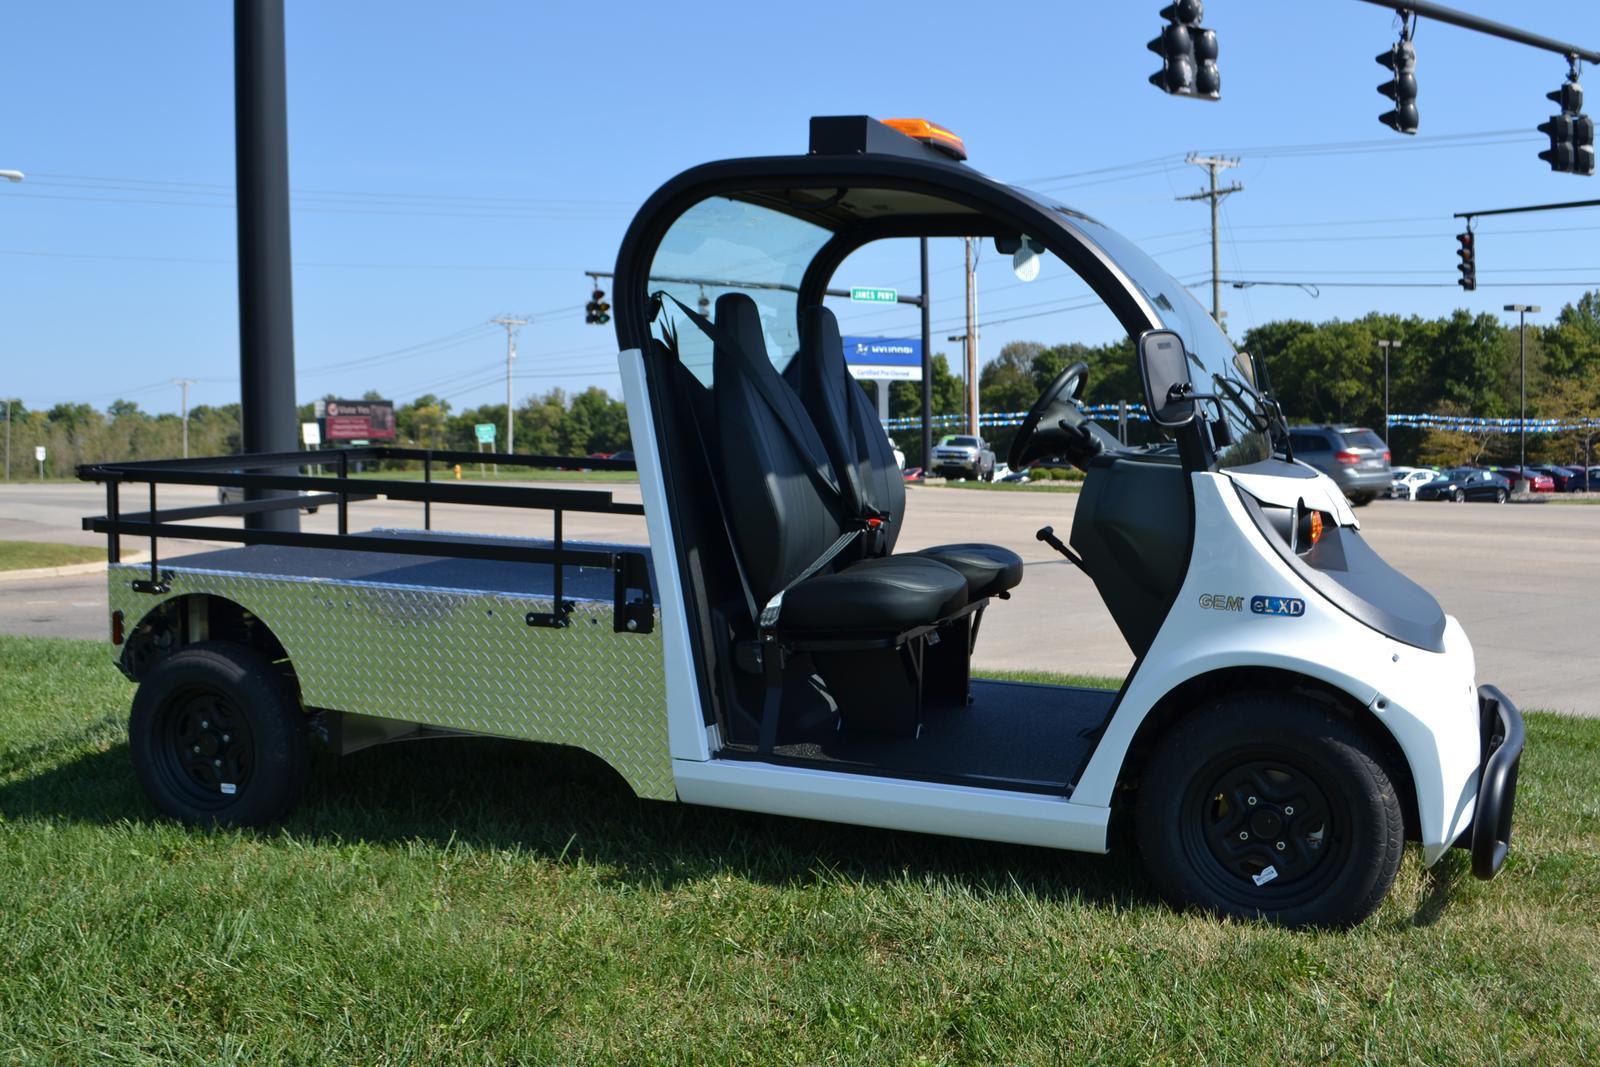 2017 Gem Elxd For Sale In Heath Oh Mid Ohio Golf Car Inc Heath